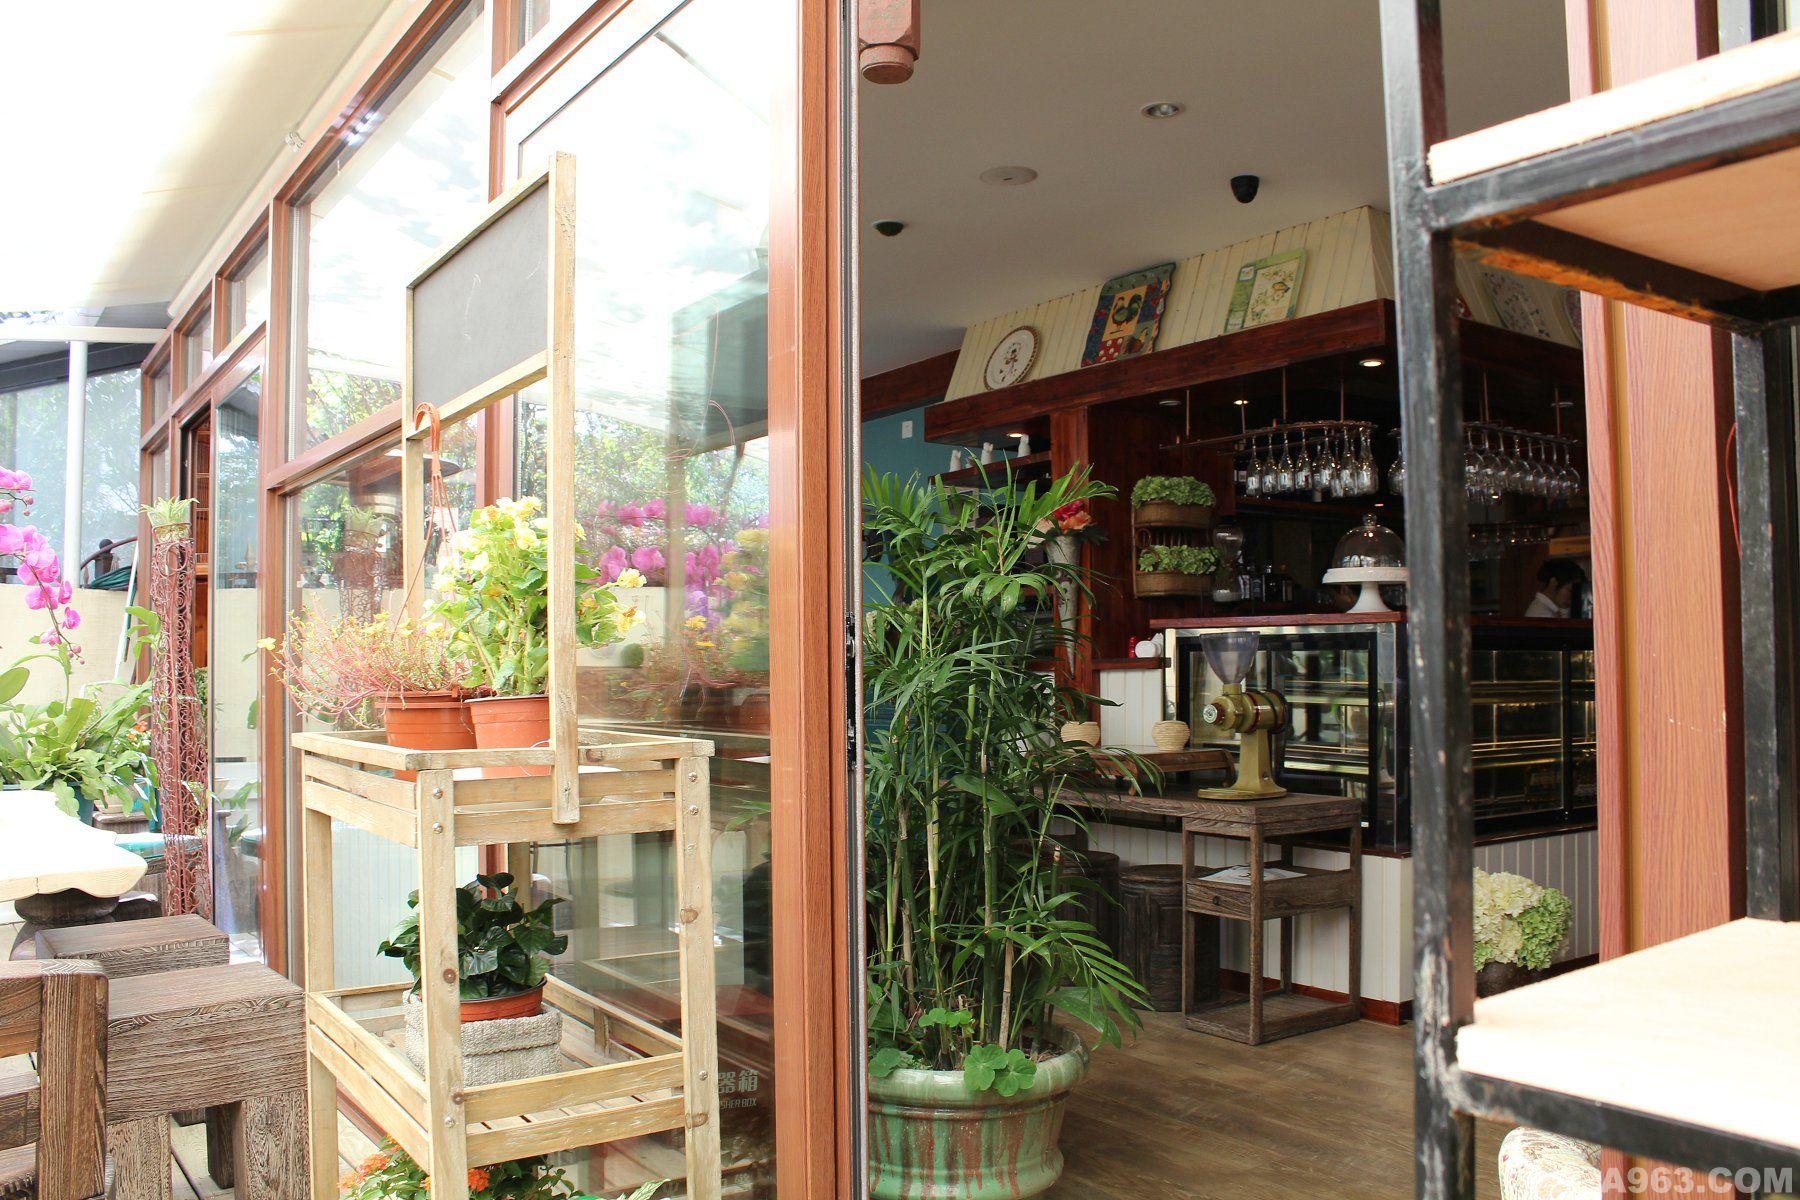 中华室内设计网 作品中心 公共空间 > 上海有果建筑装饰设计有限公司